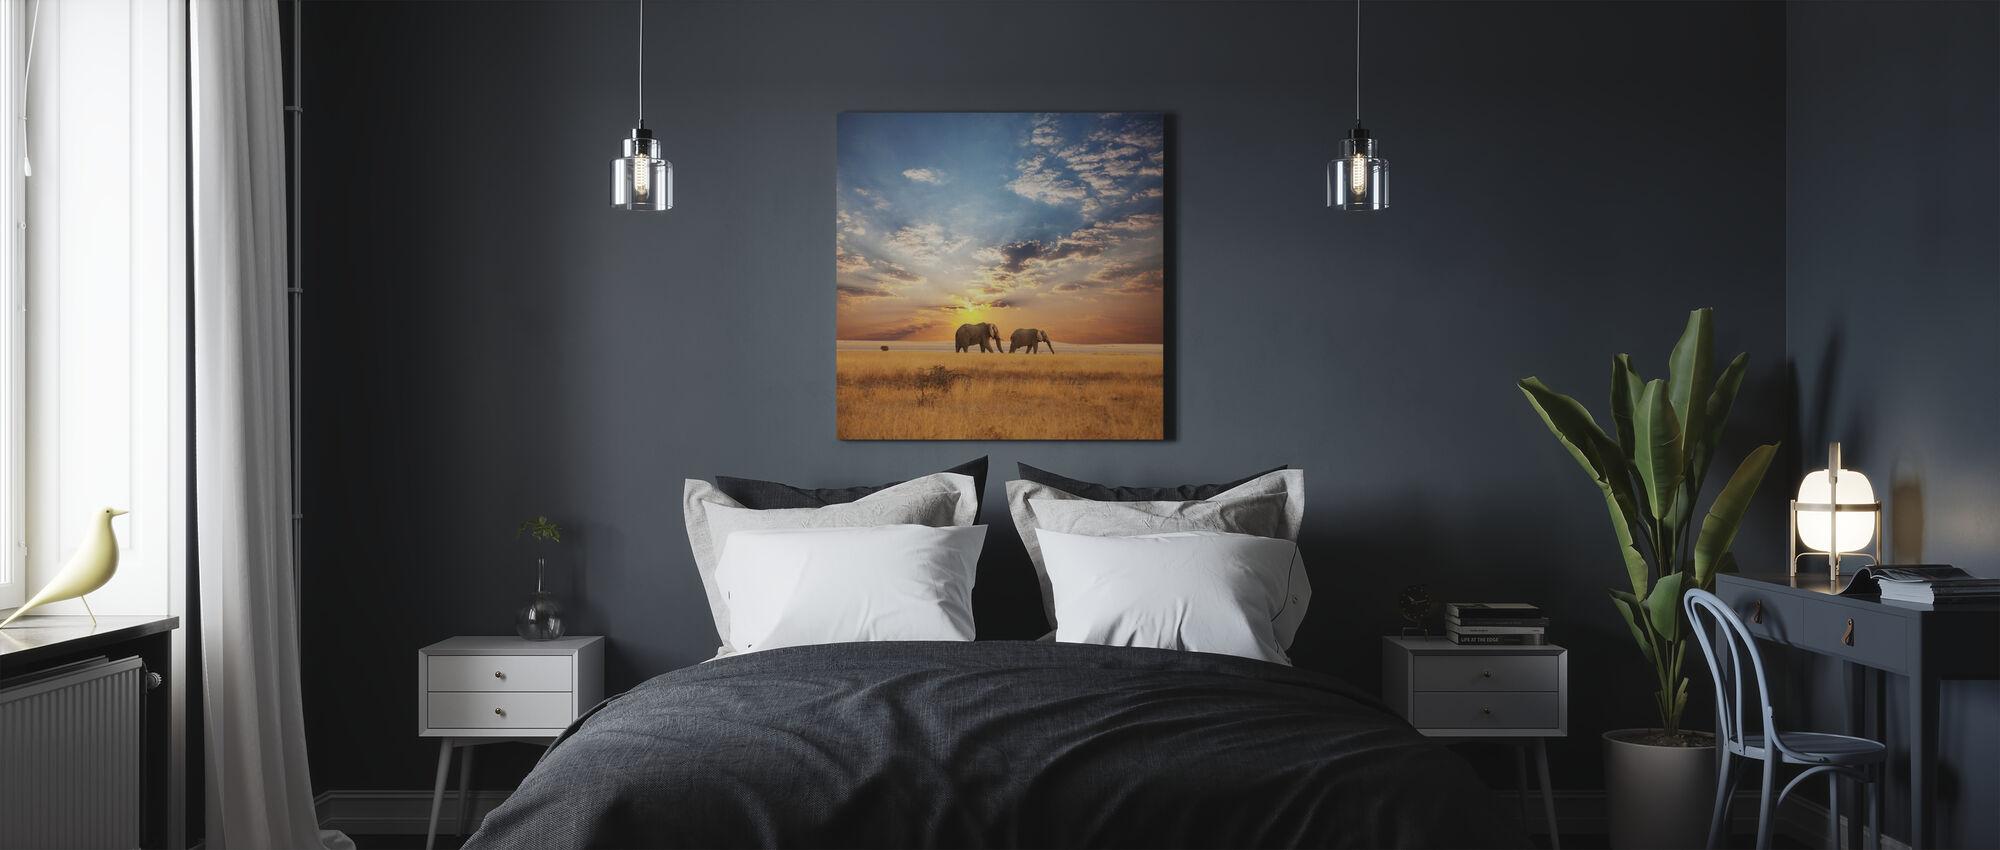 Savannah Sunset - Canvas print - Bedroom